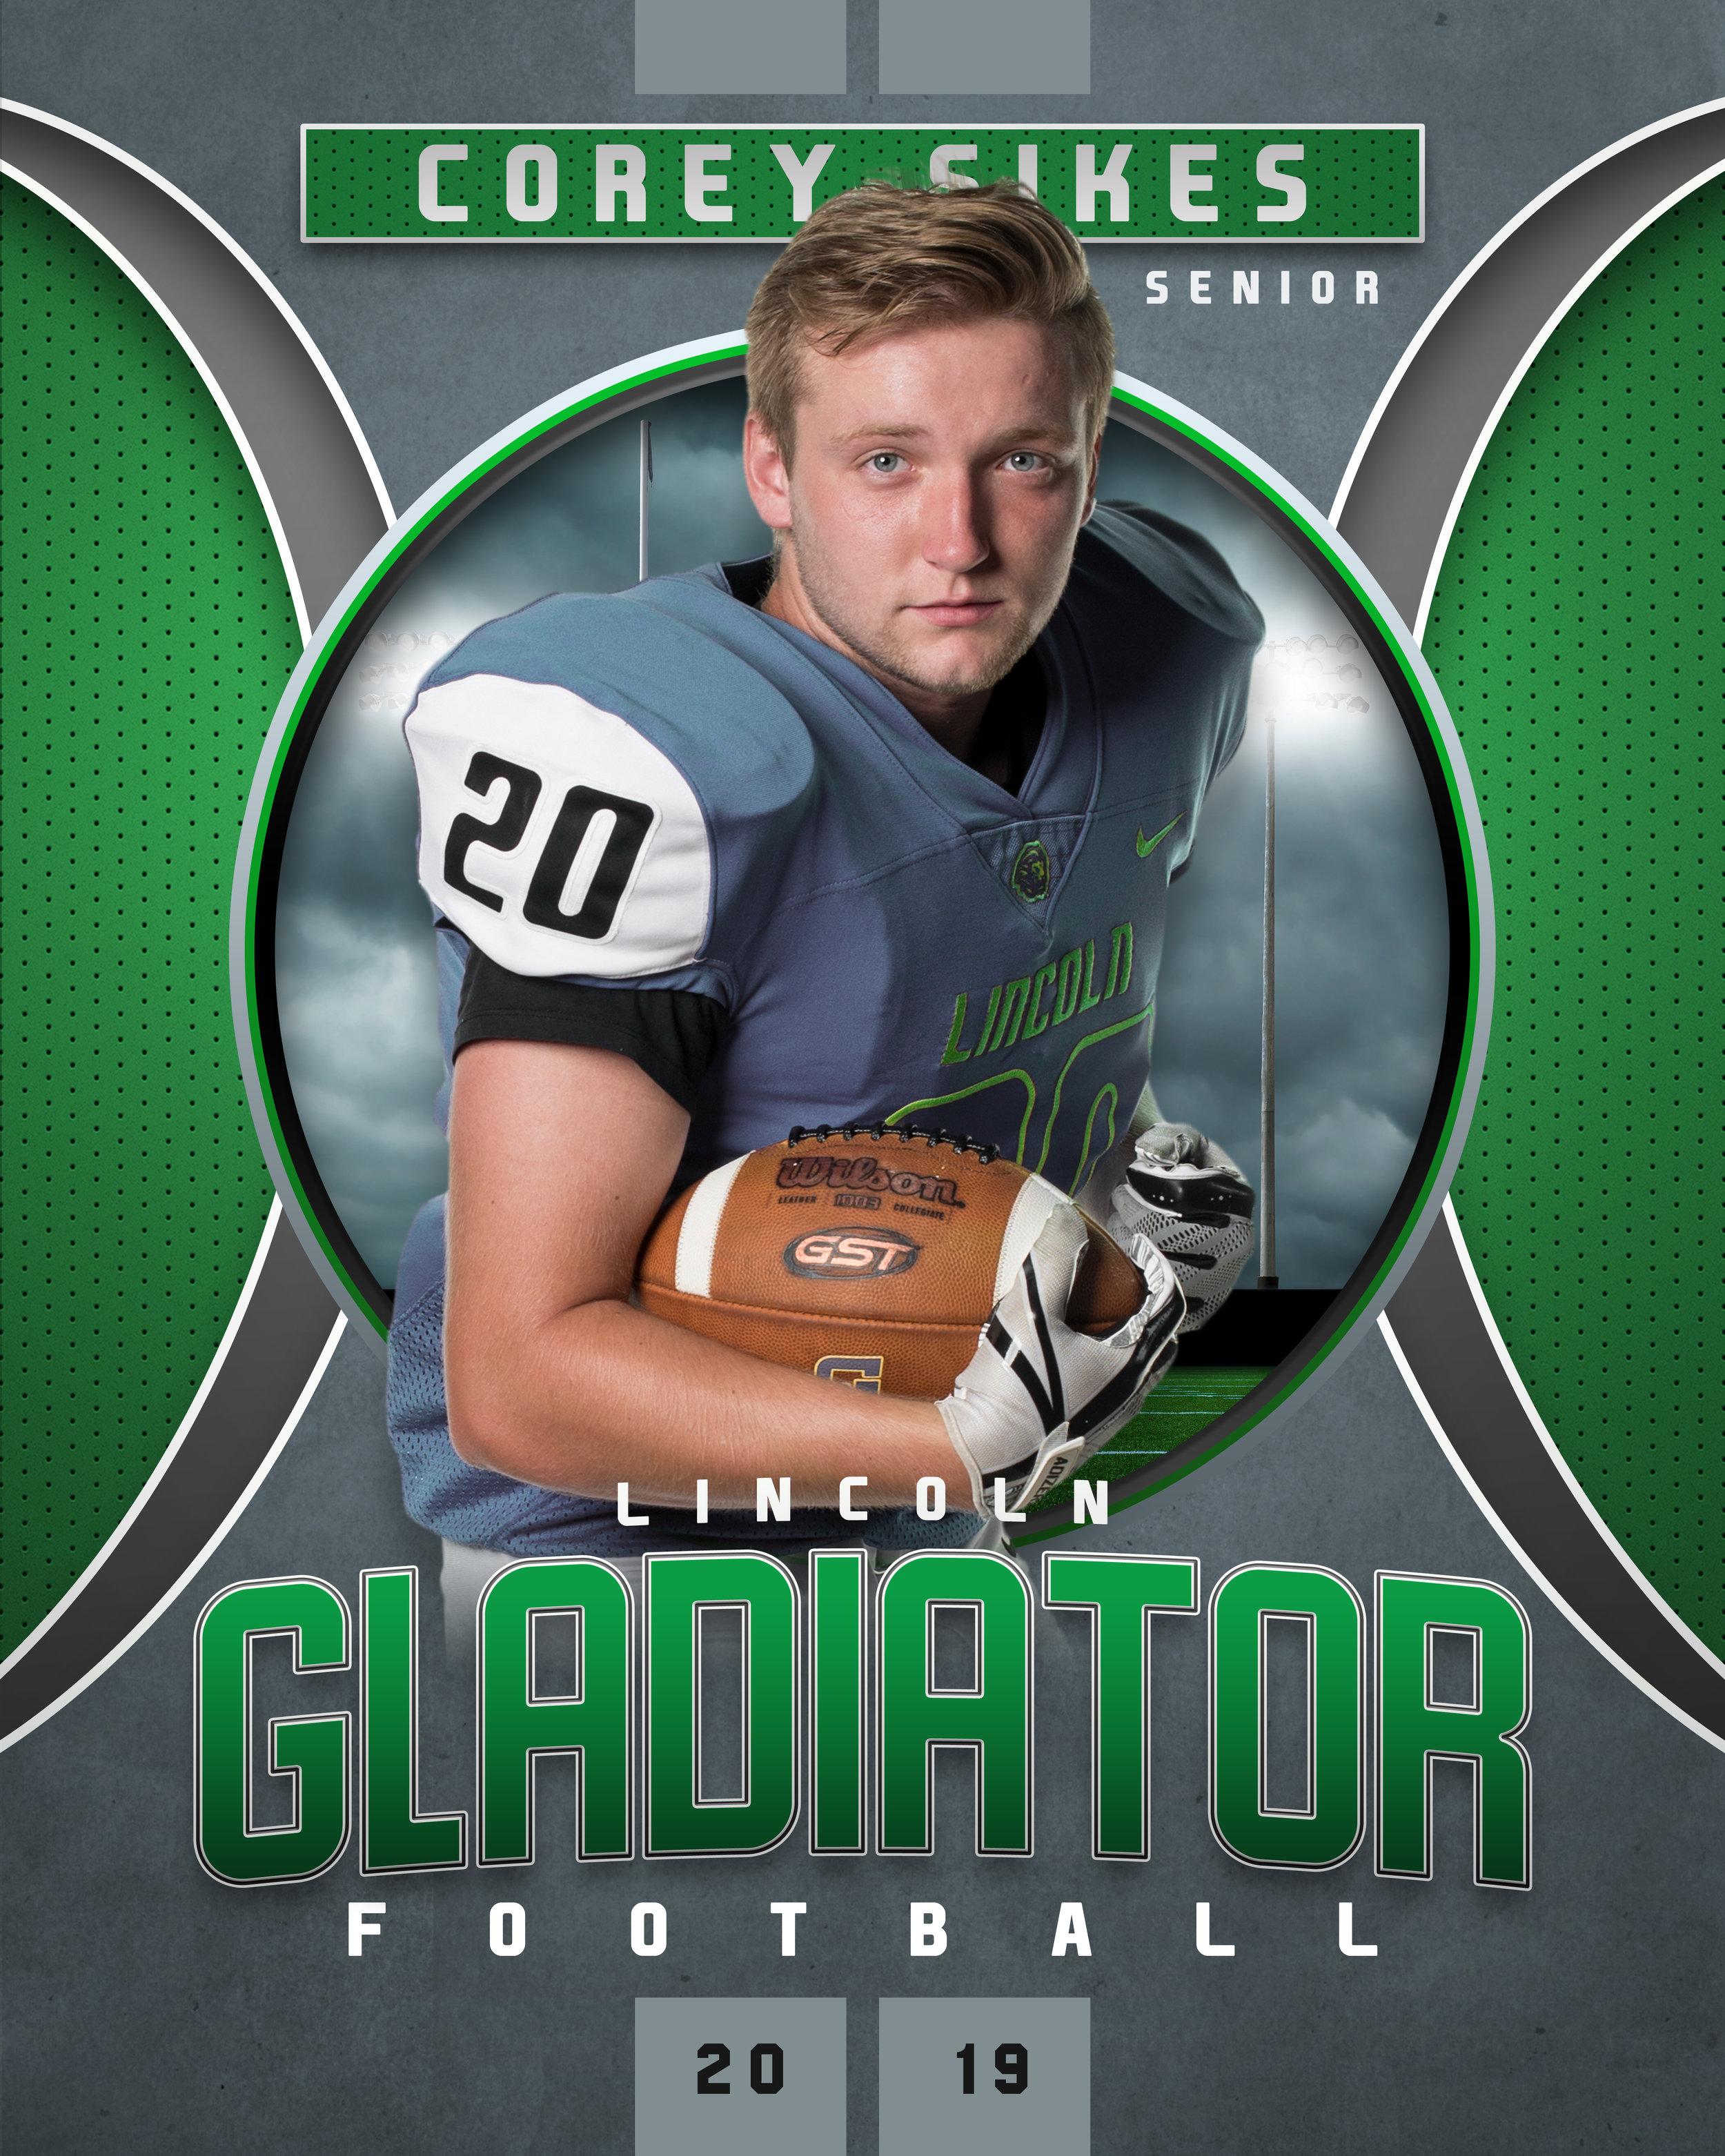 Gladiator_Footballl_16x20_.jpg